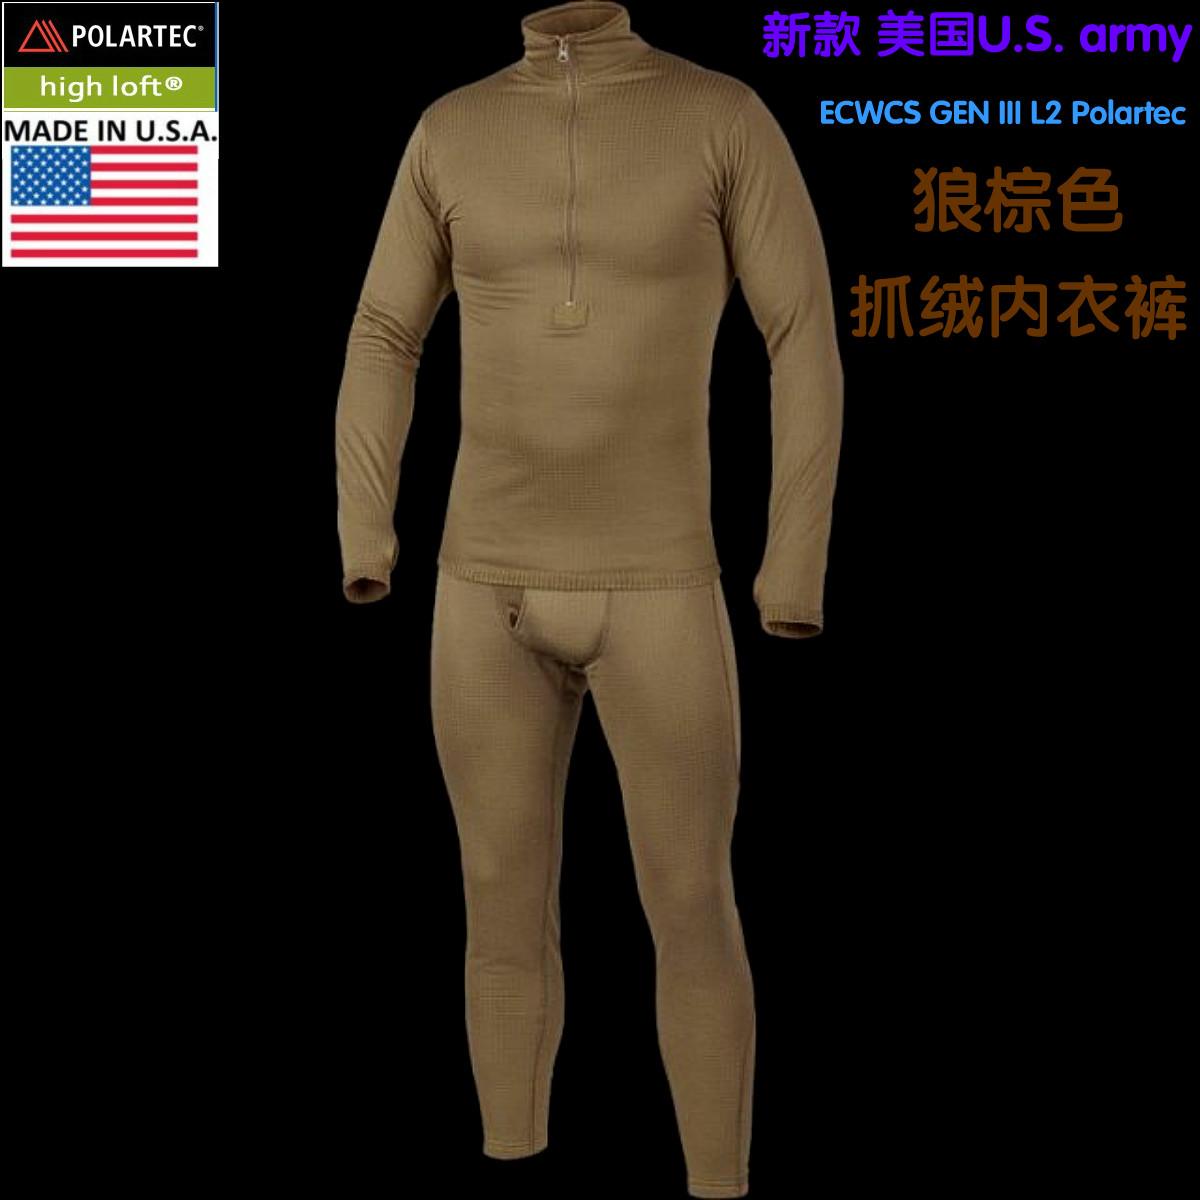 Военная версия новый третьего поколения ECWCS GEN III L2 Polartec коричневый - шерсть нижнее белье брюки